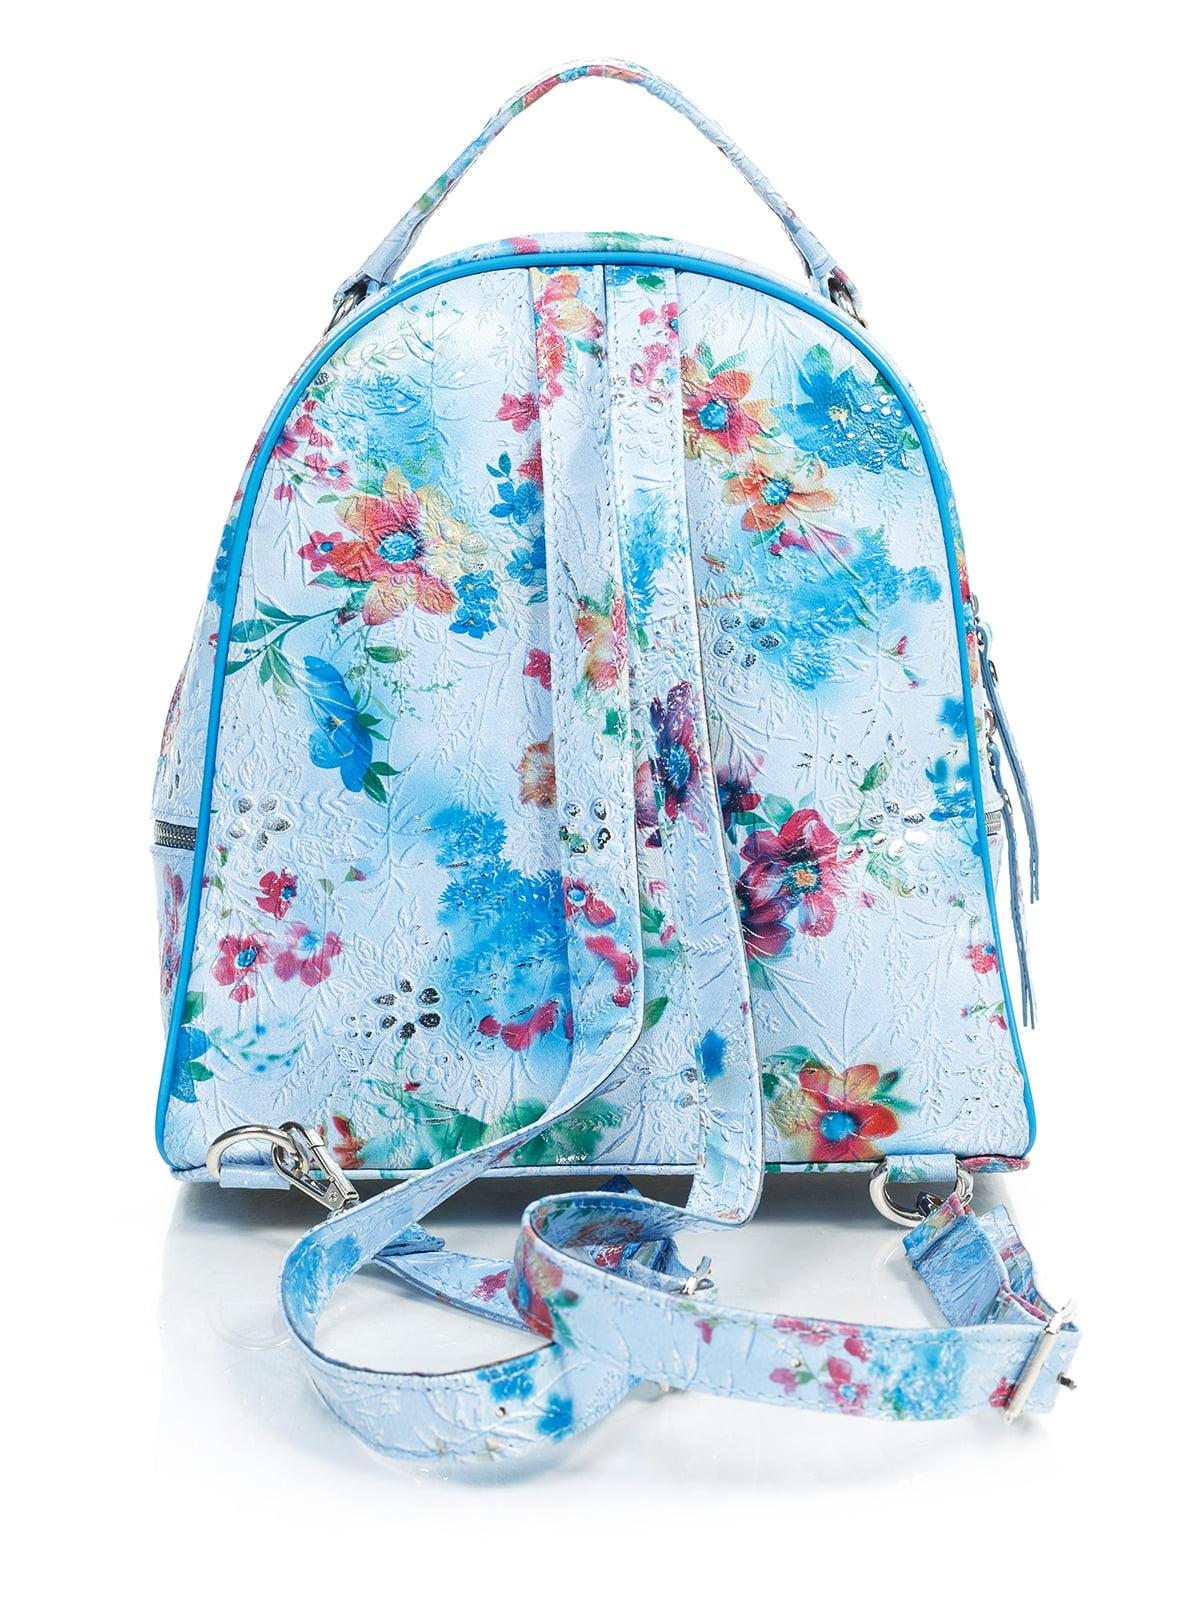 Рюкзак в цветочный принт | 4145423 | фото 3